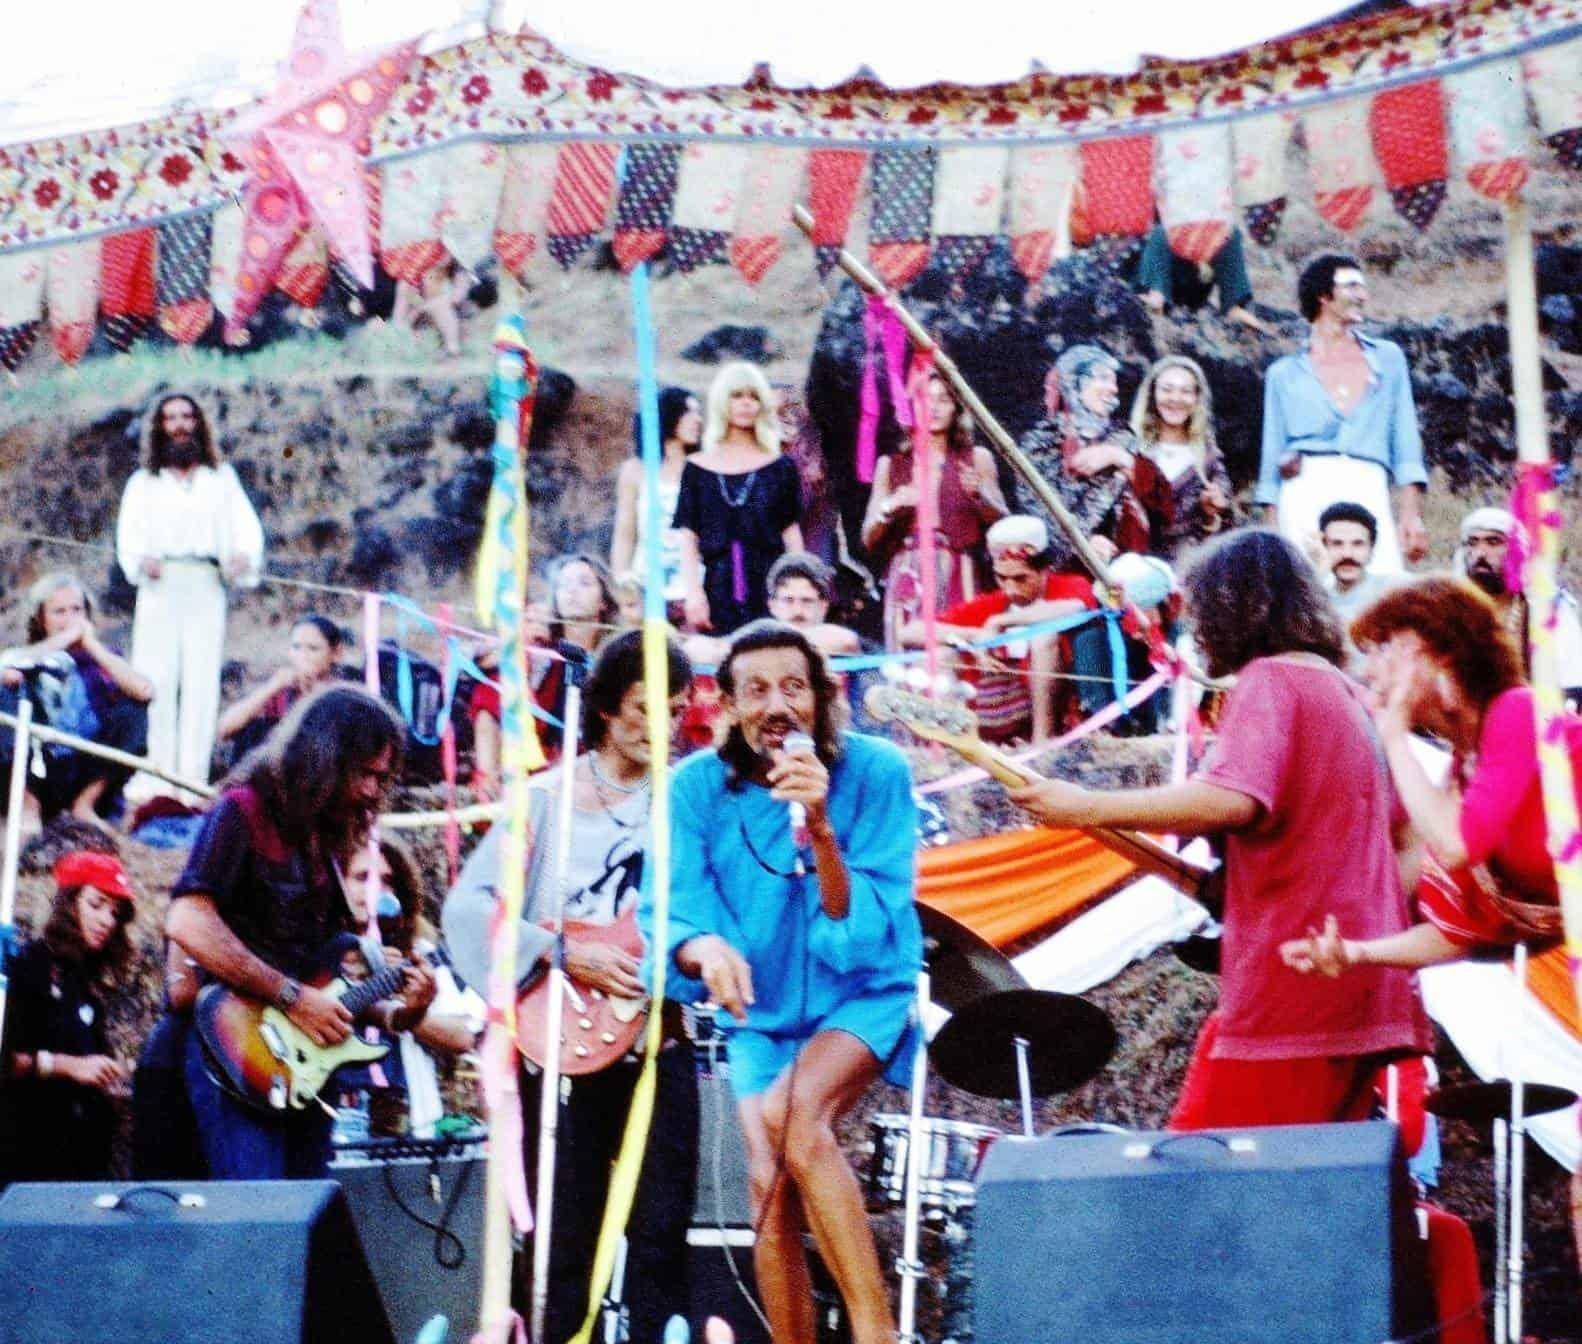 Восьмипалый Эдди (RIP) со своей группой выступают на новогодней вечеринке. Гоа, Индия. 1978 год. (Photo by Sunny Schneider).